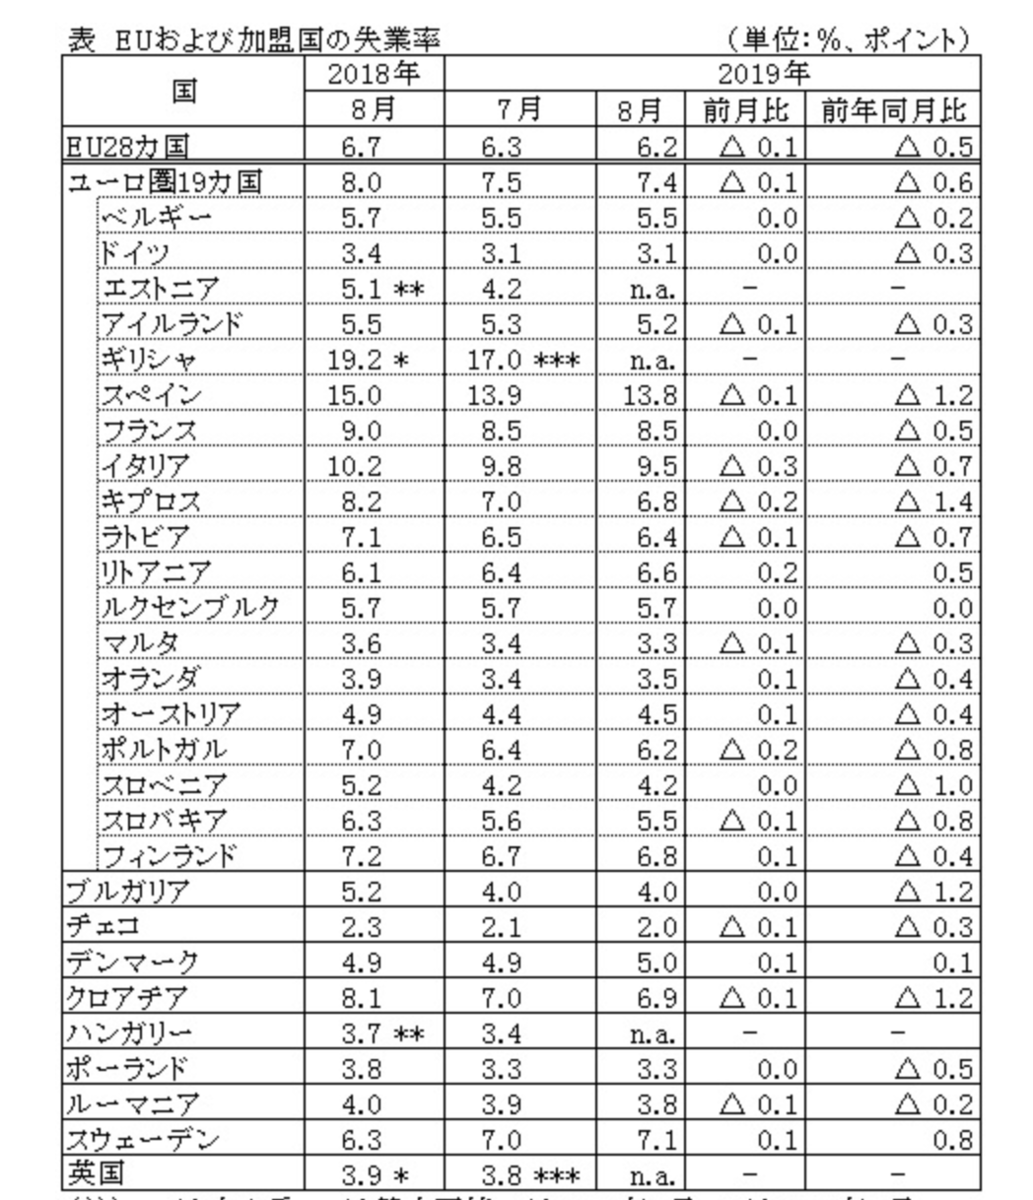 f:id:ryo1192:20191126094913p:plain